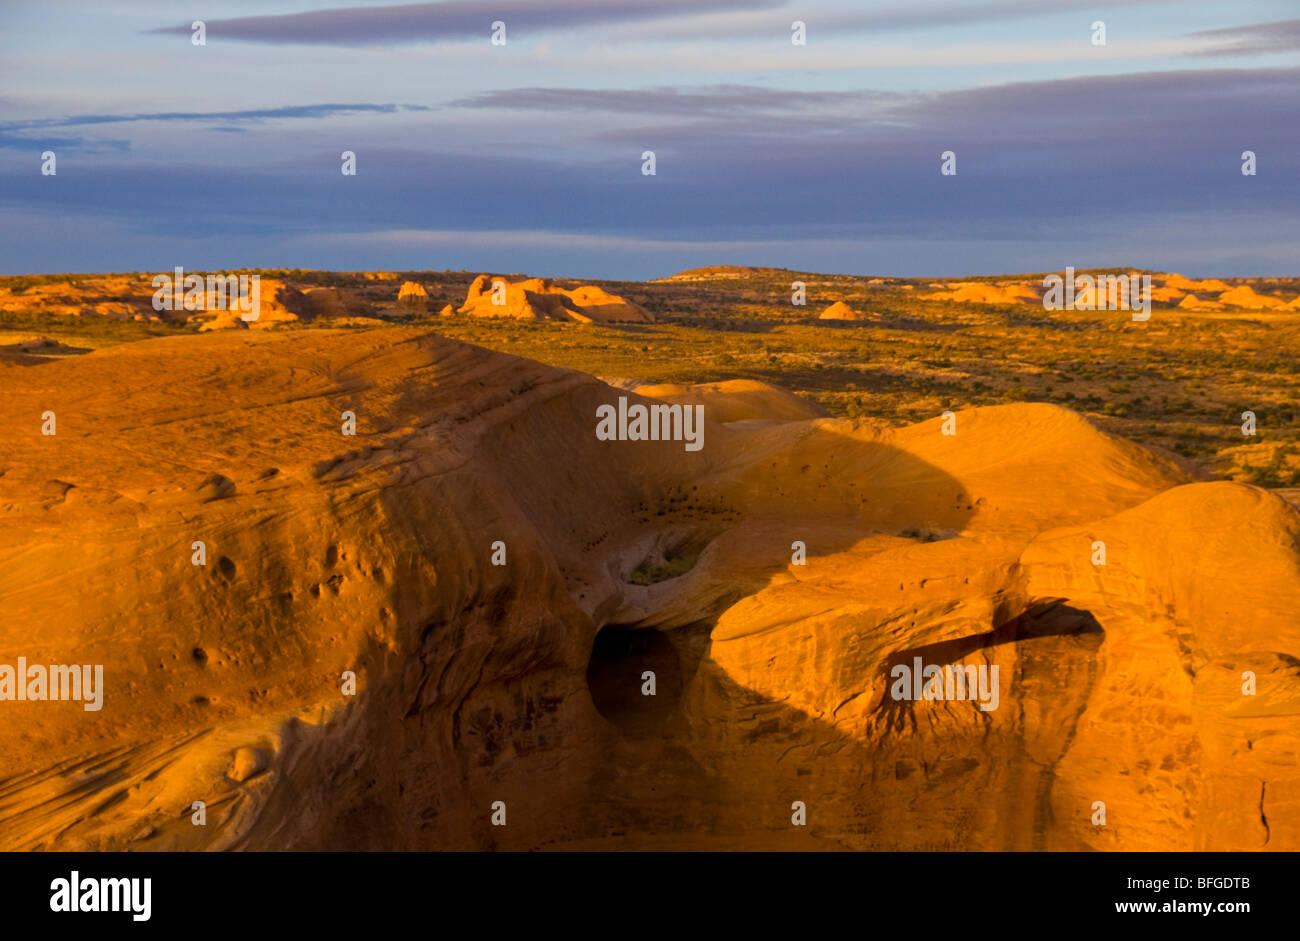 Arches National Park Southwest USA Utah - Stock Image